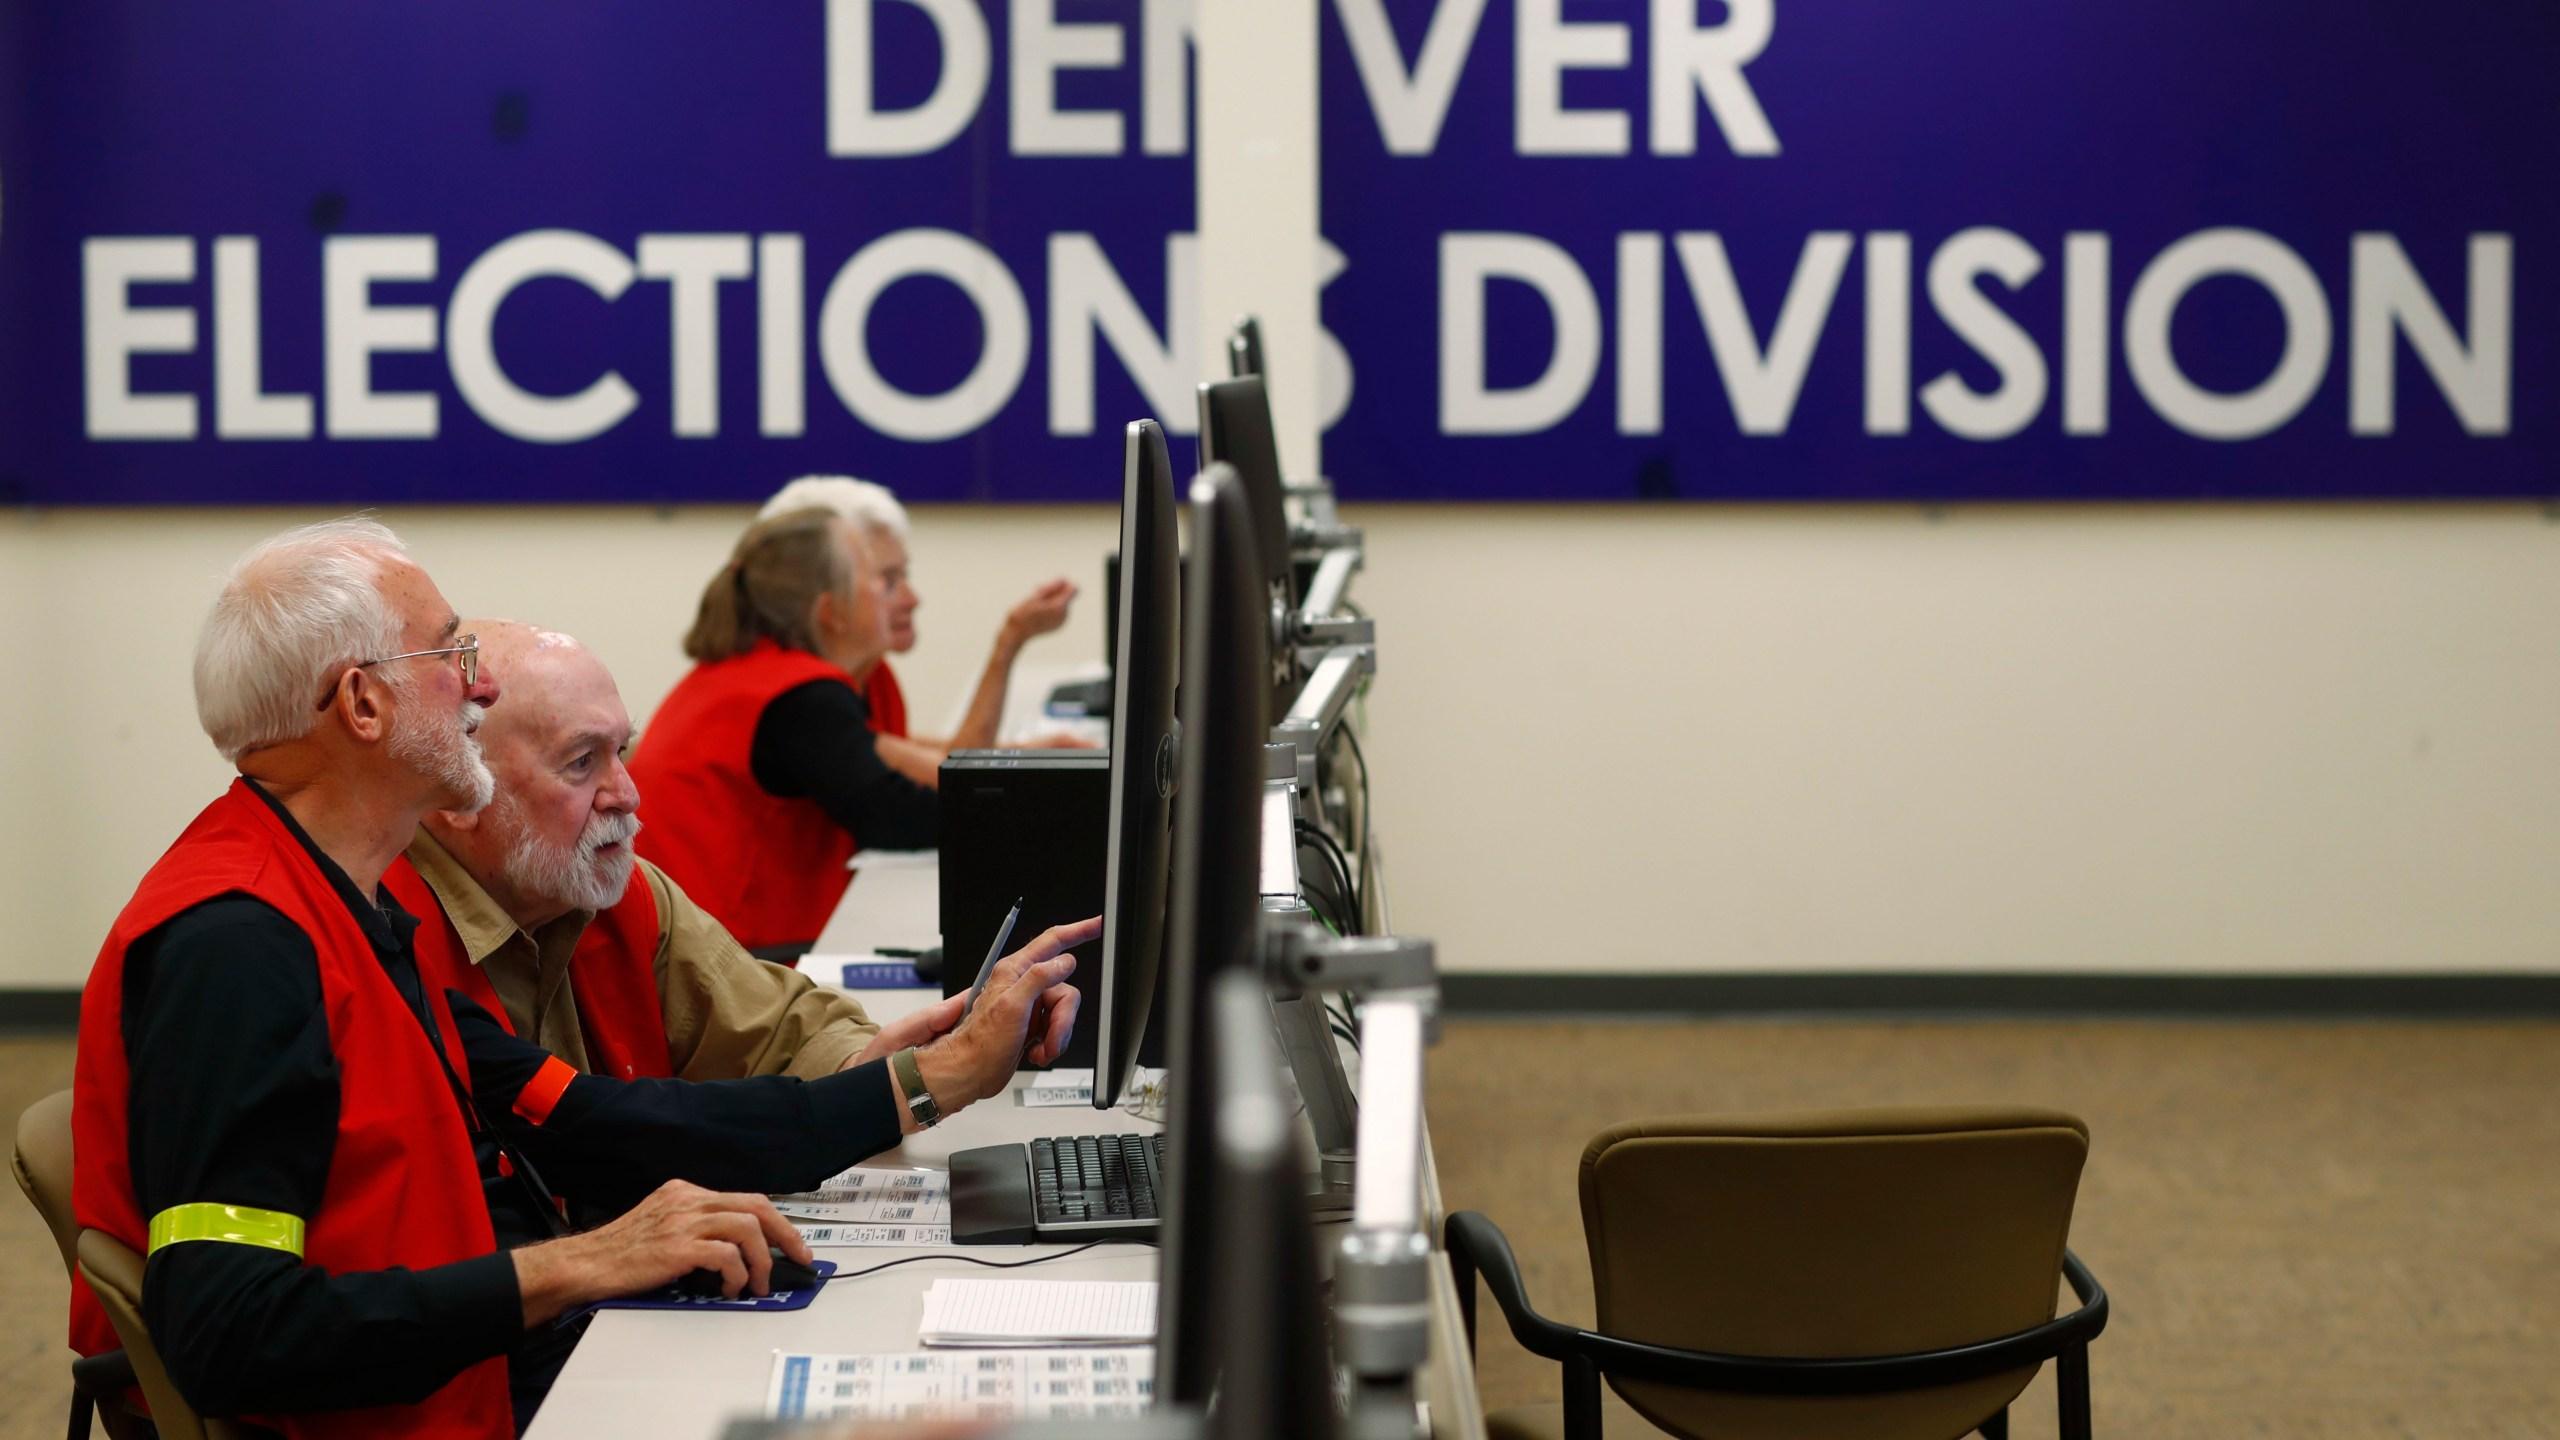 Denver Elections Division, Richard Rend, Nathan Frazier